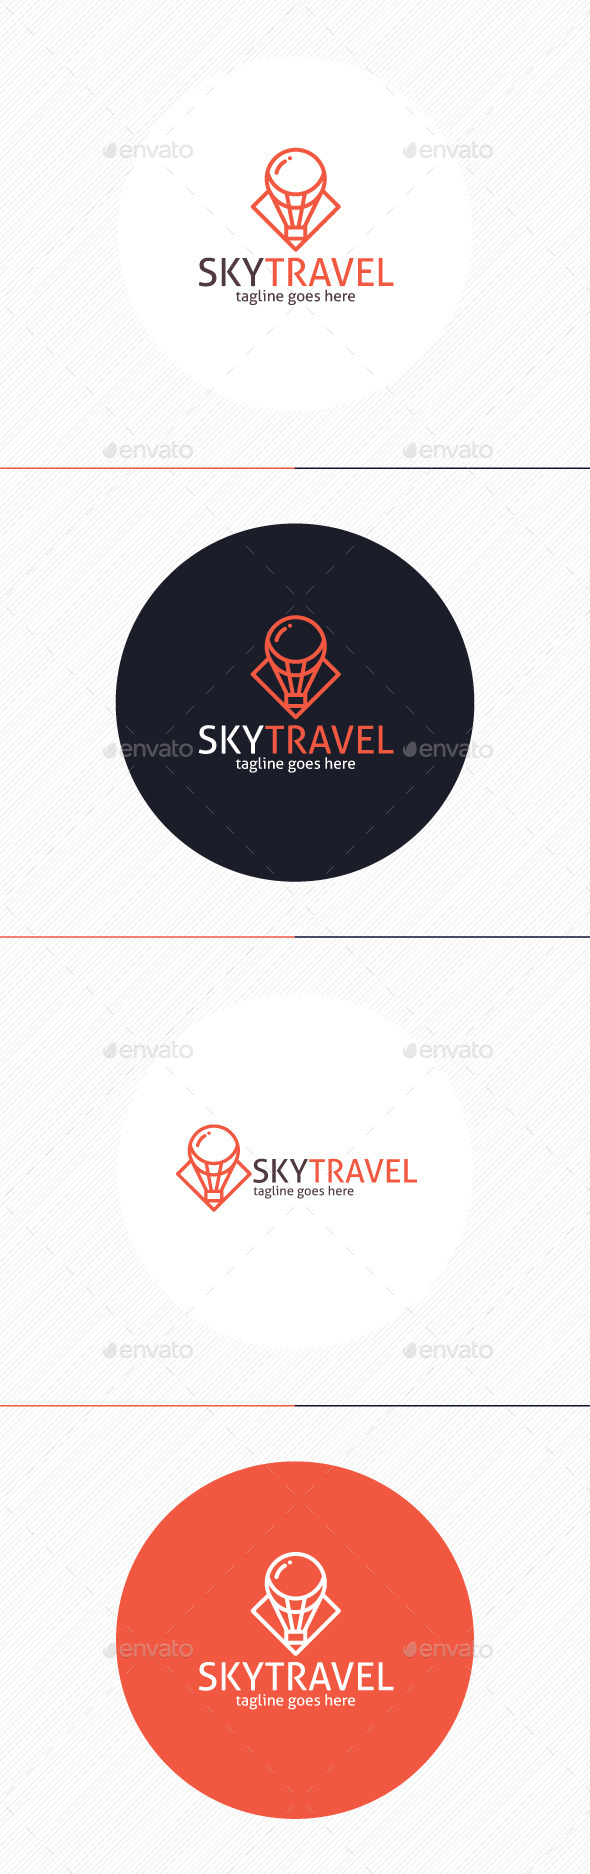 GraphicRiver Sky Travel Logo 9779121